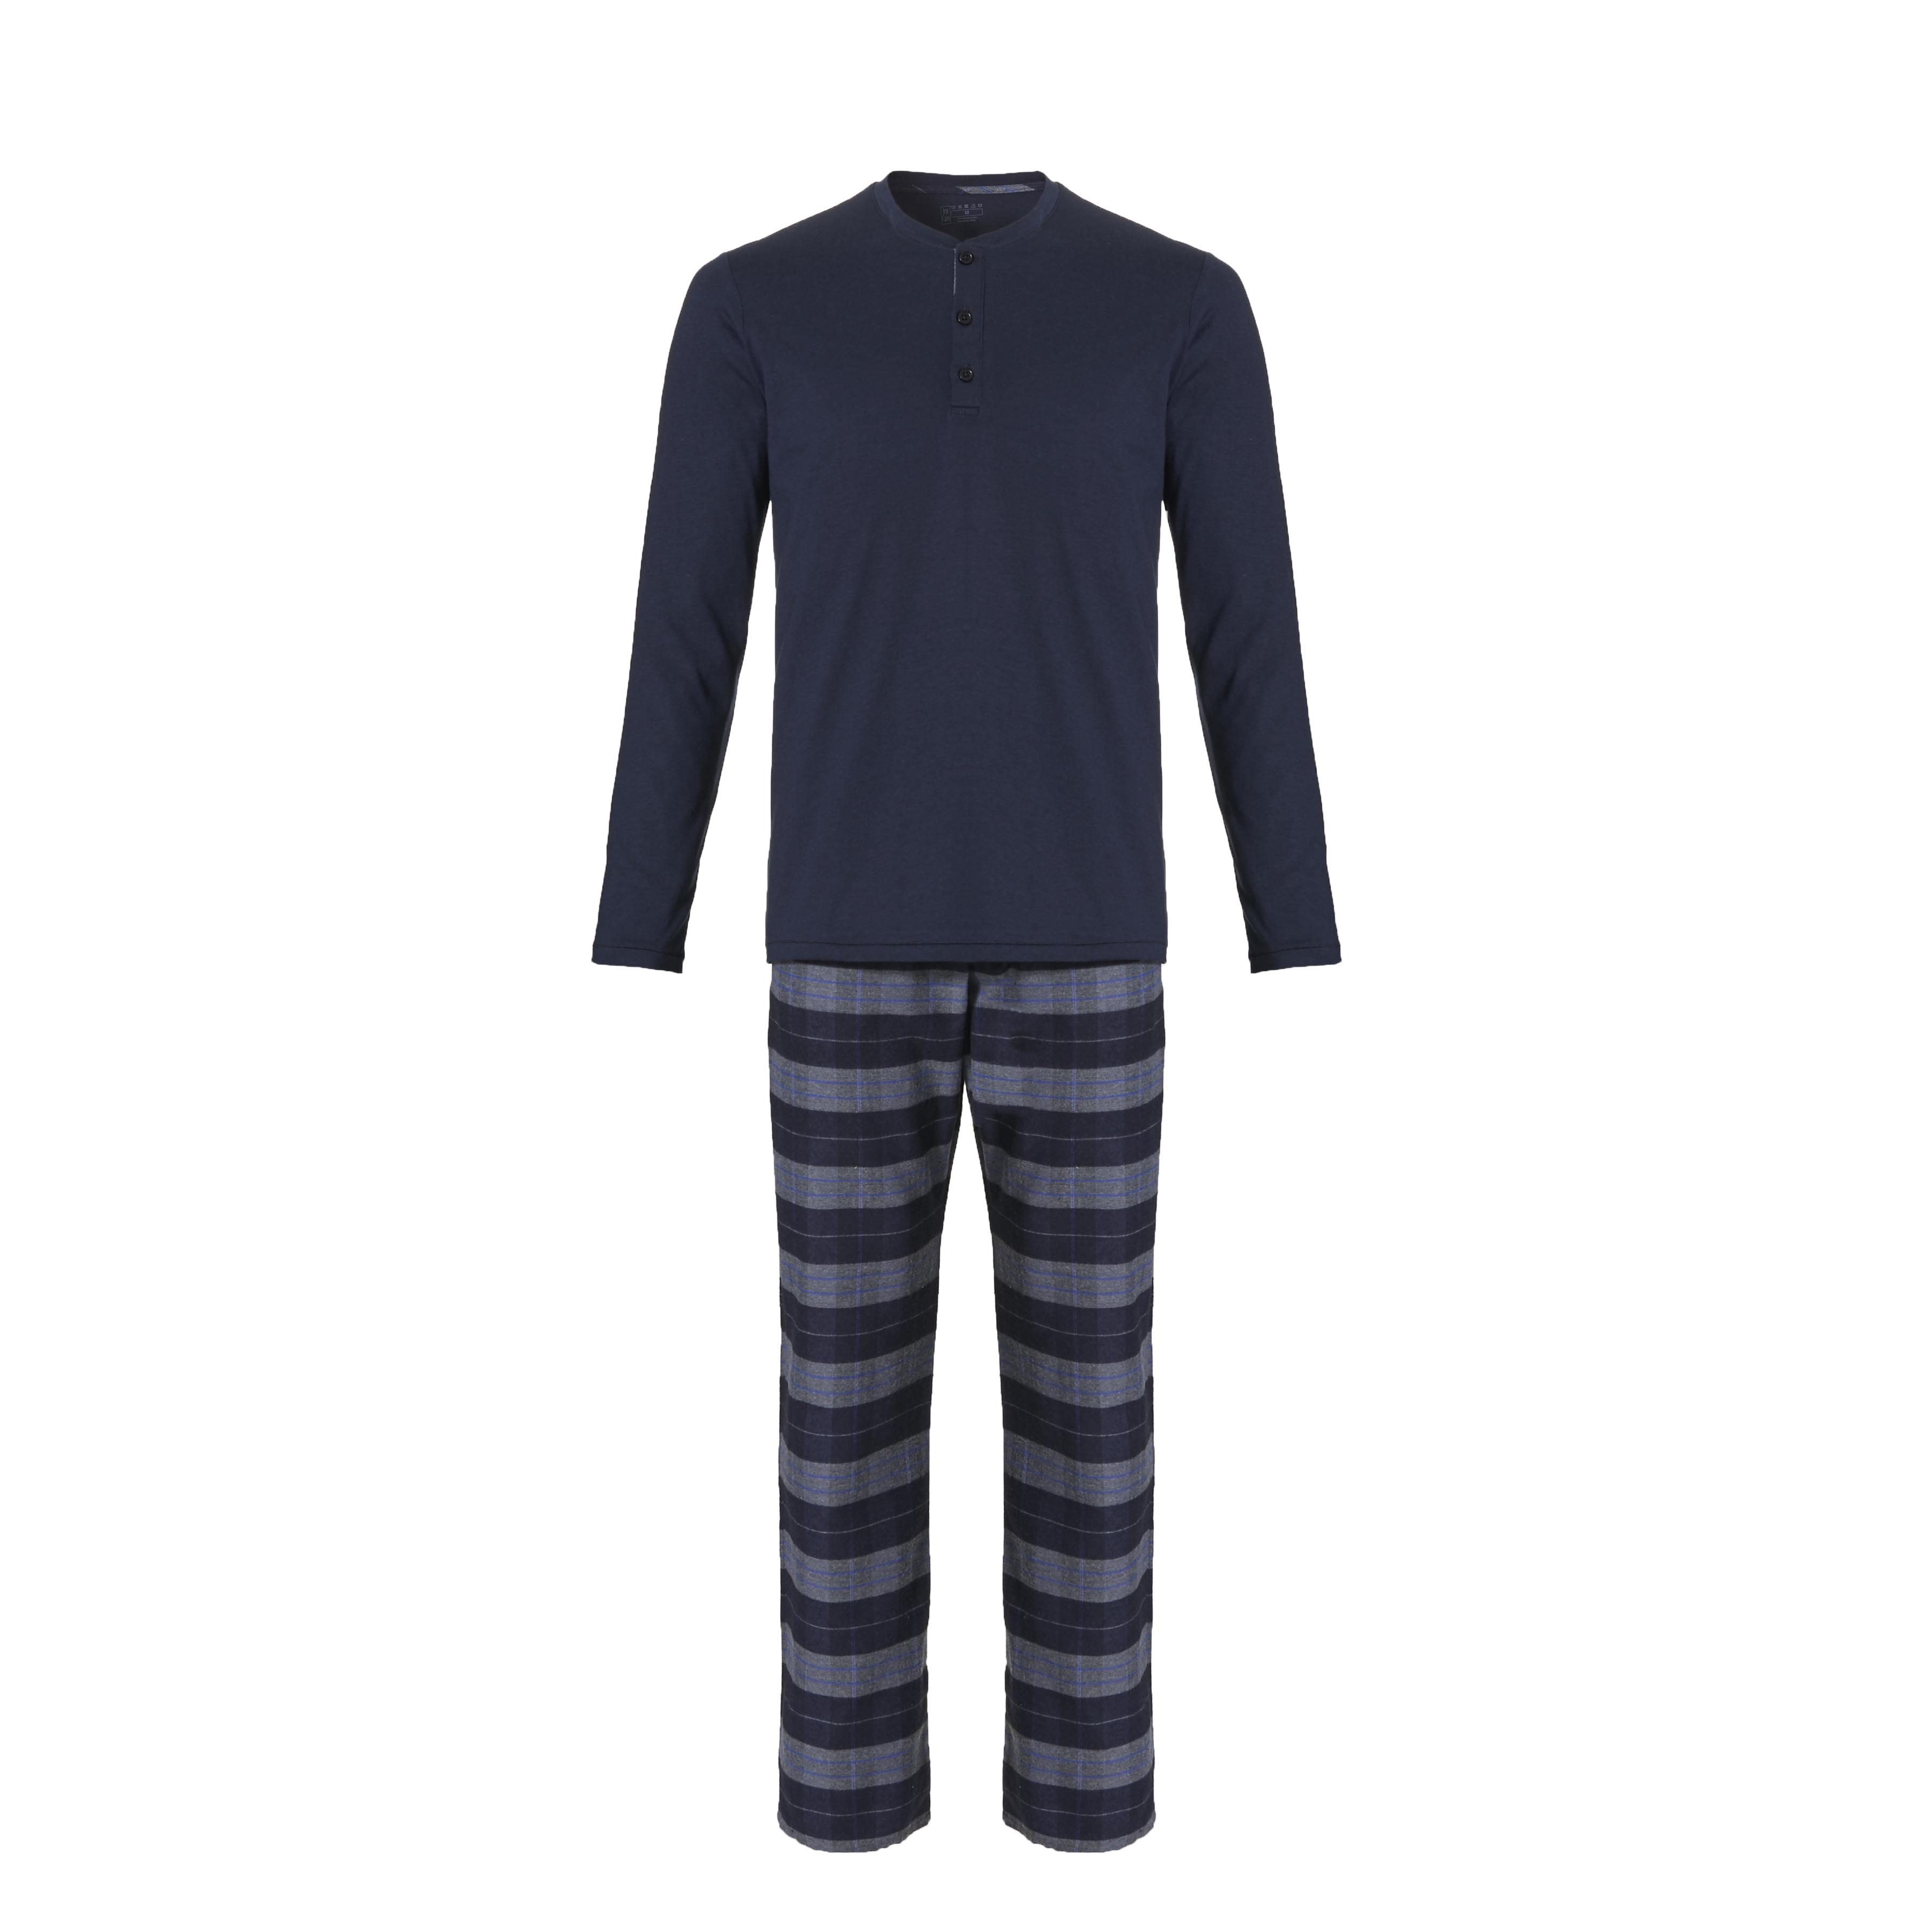 Ten Cate Men Pyjama Navy/Grey